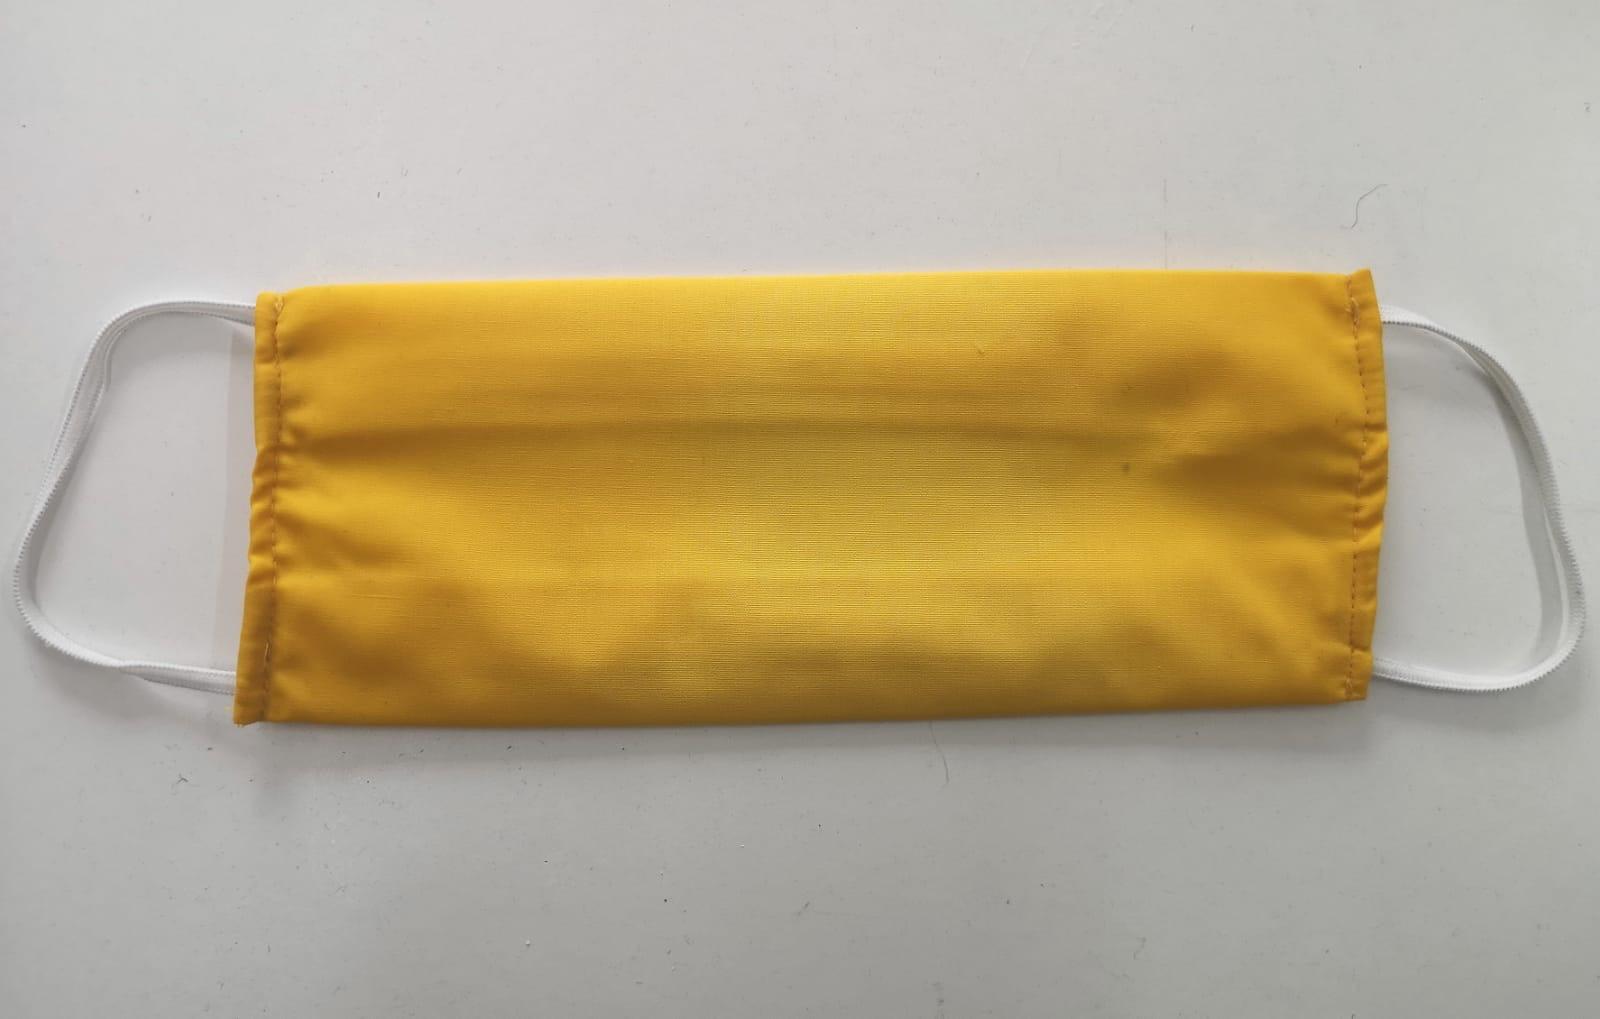 Masca galbena strat sistem dublu elastic reutilizabila personalizata | Toroadv.ro